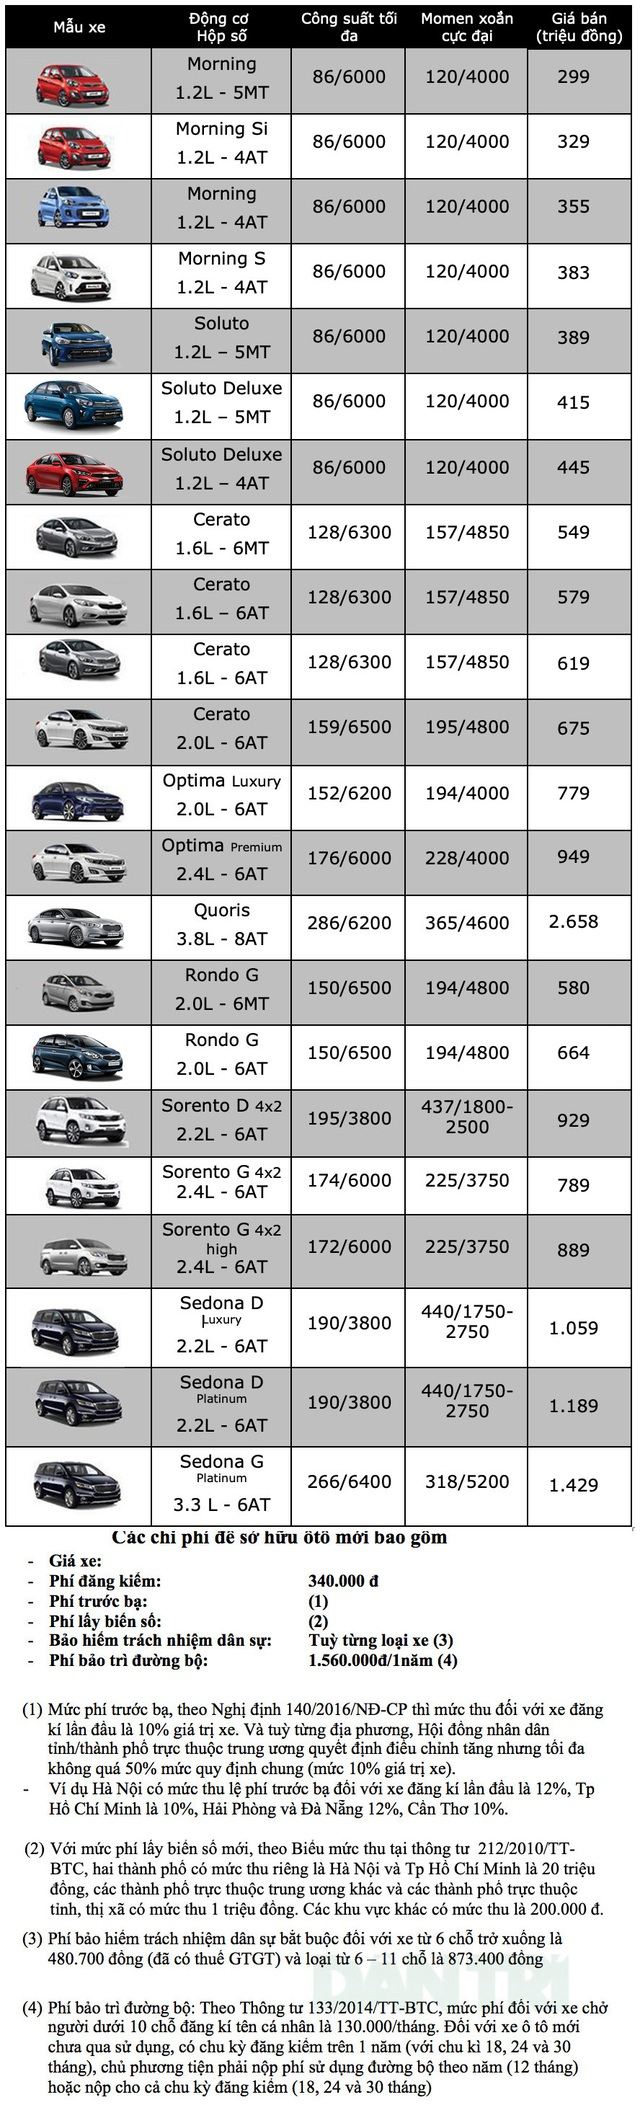 Bảng giá KIA tháng 12/2019 - 1